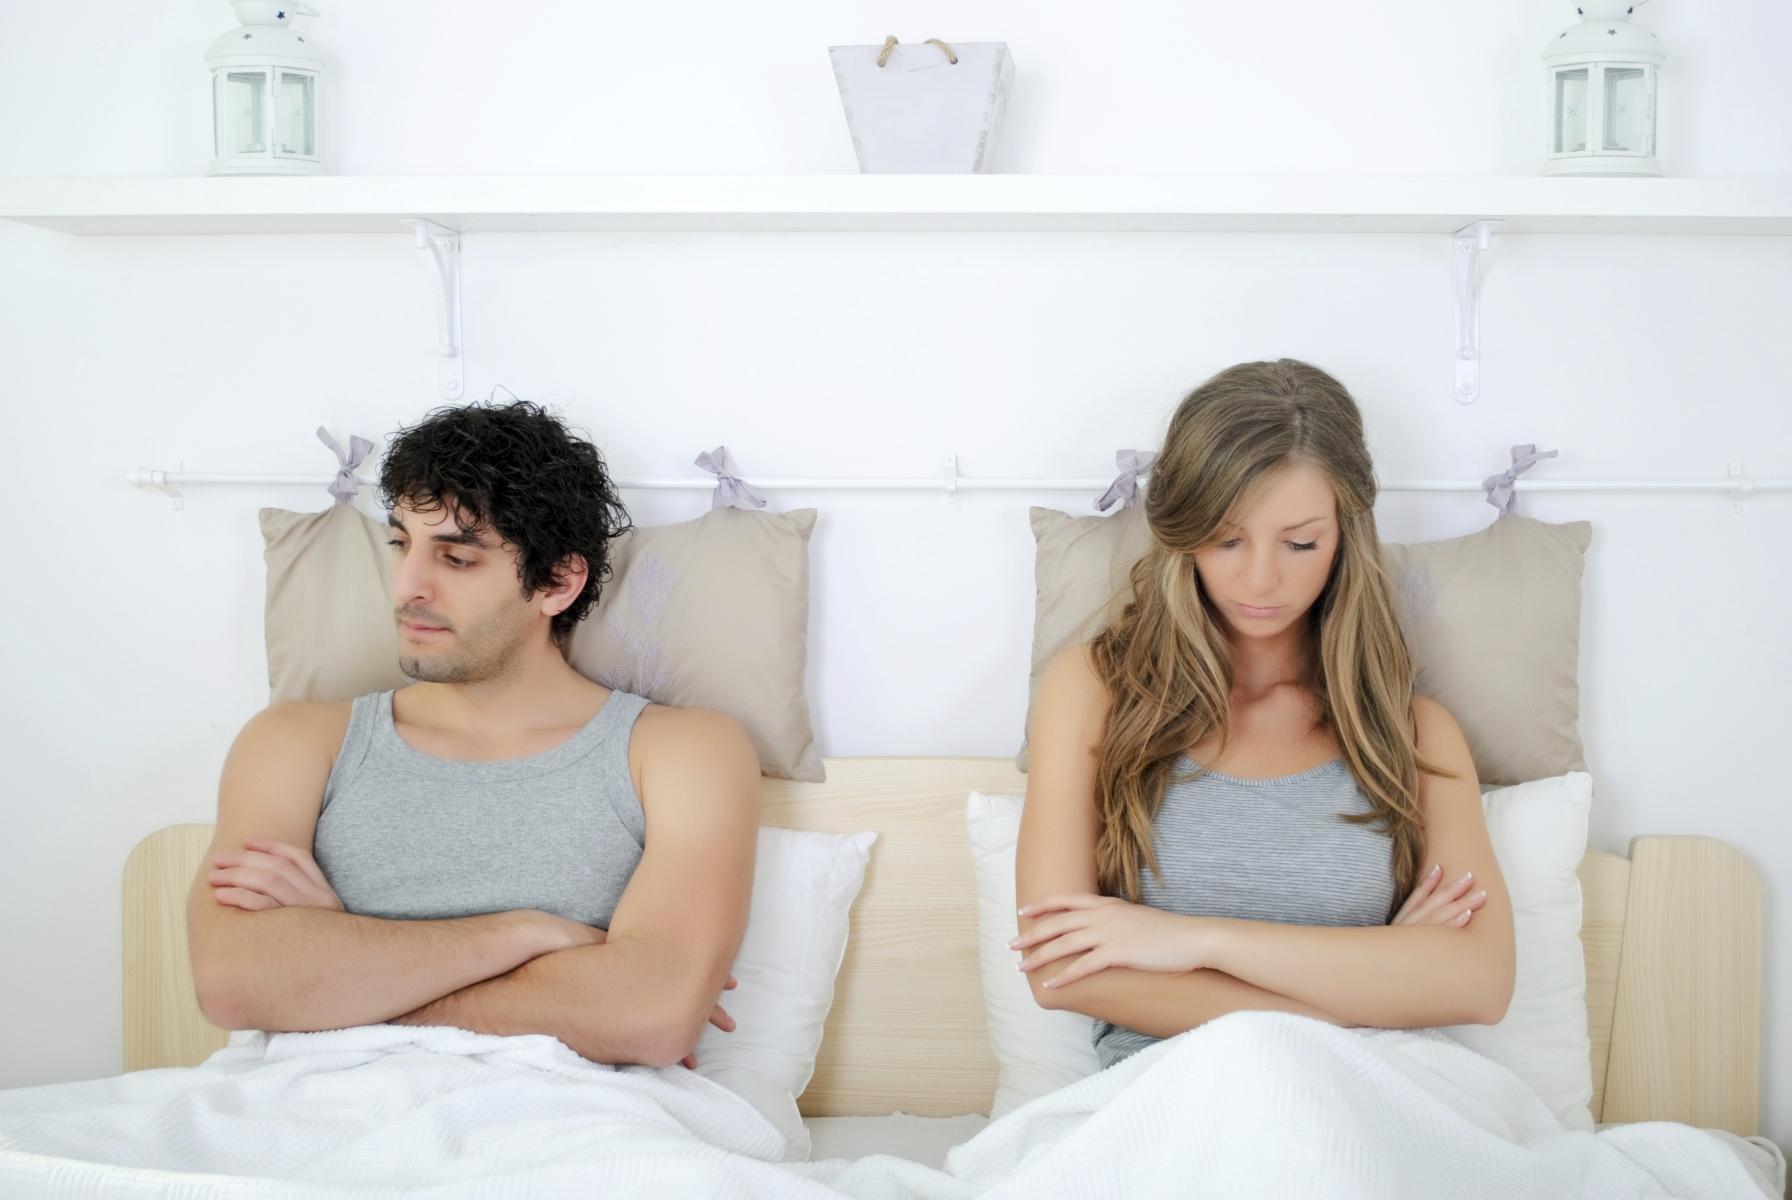 Воздержание от половой близости